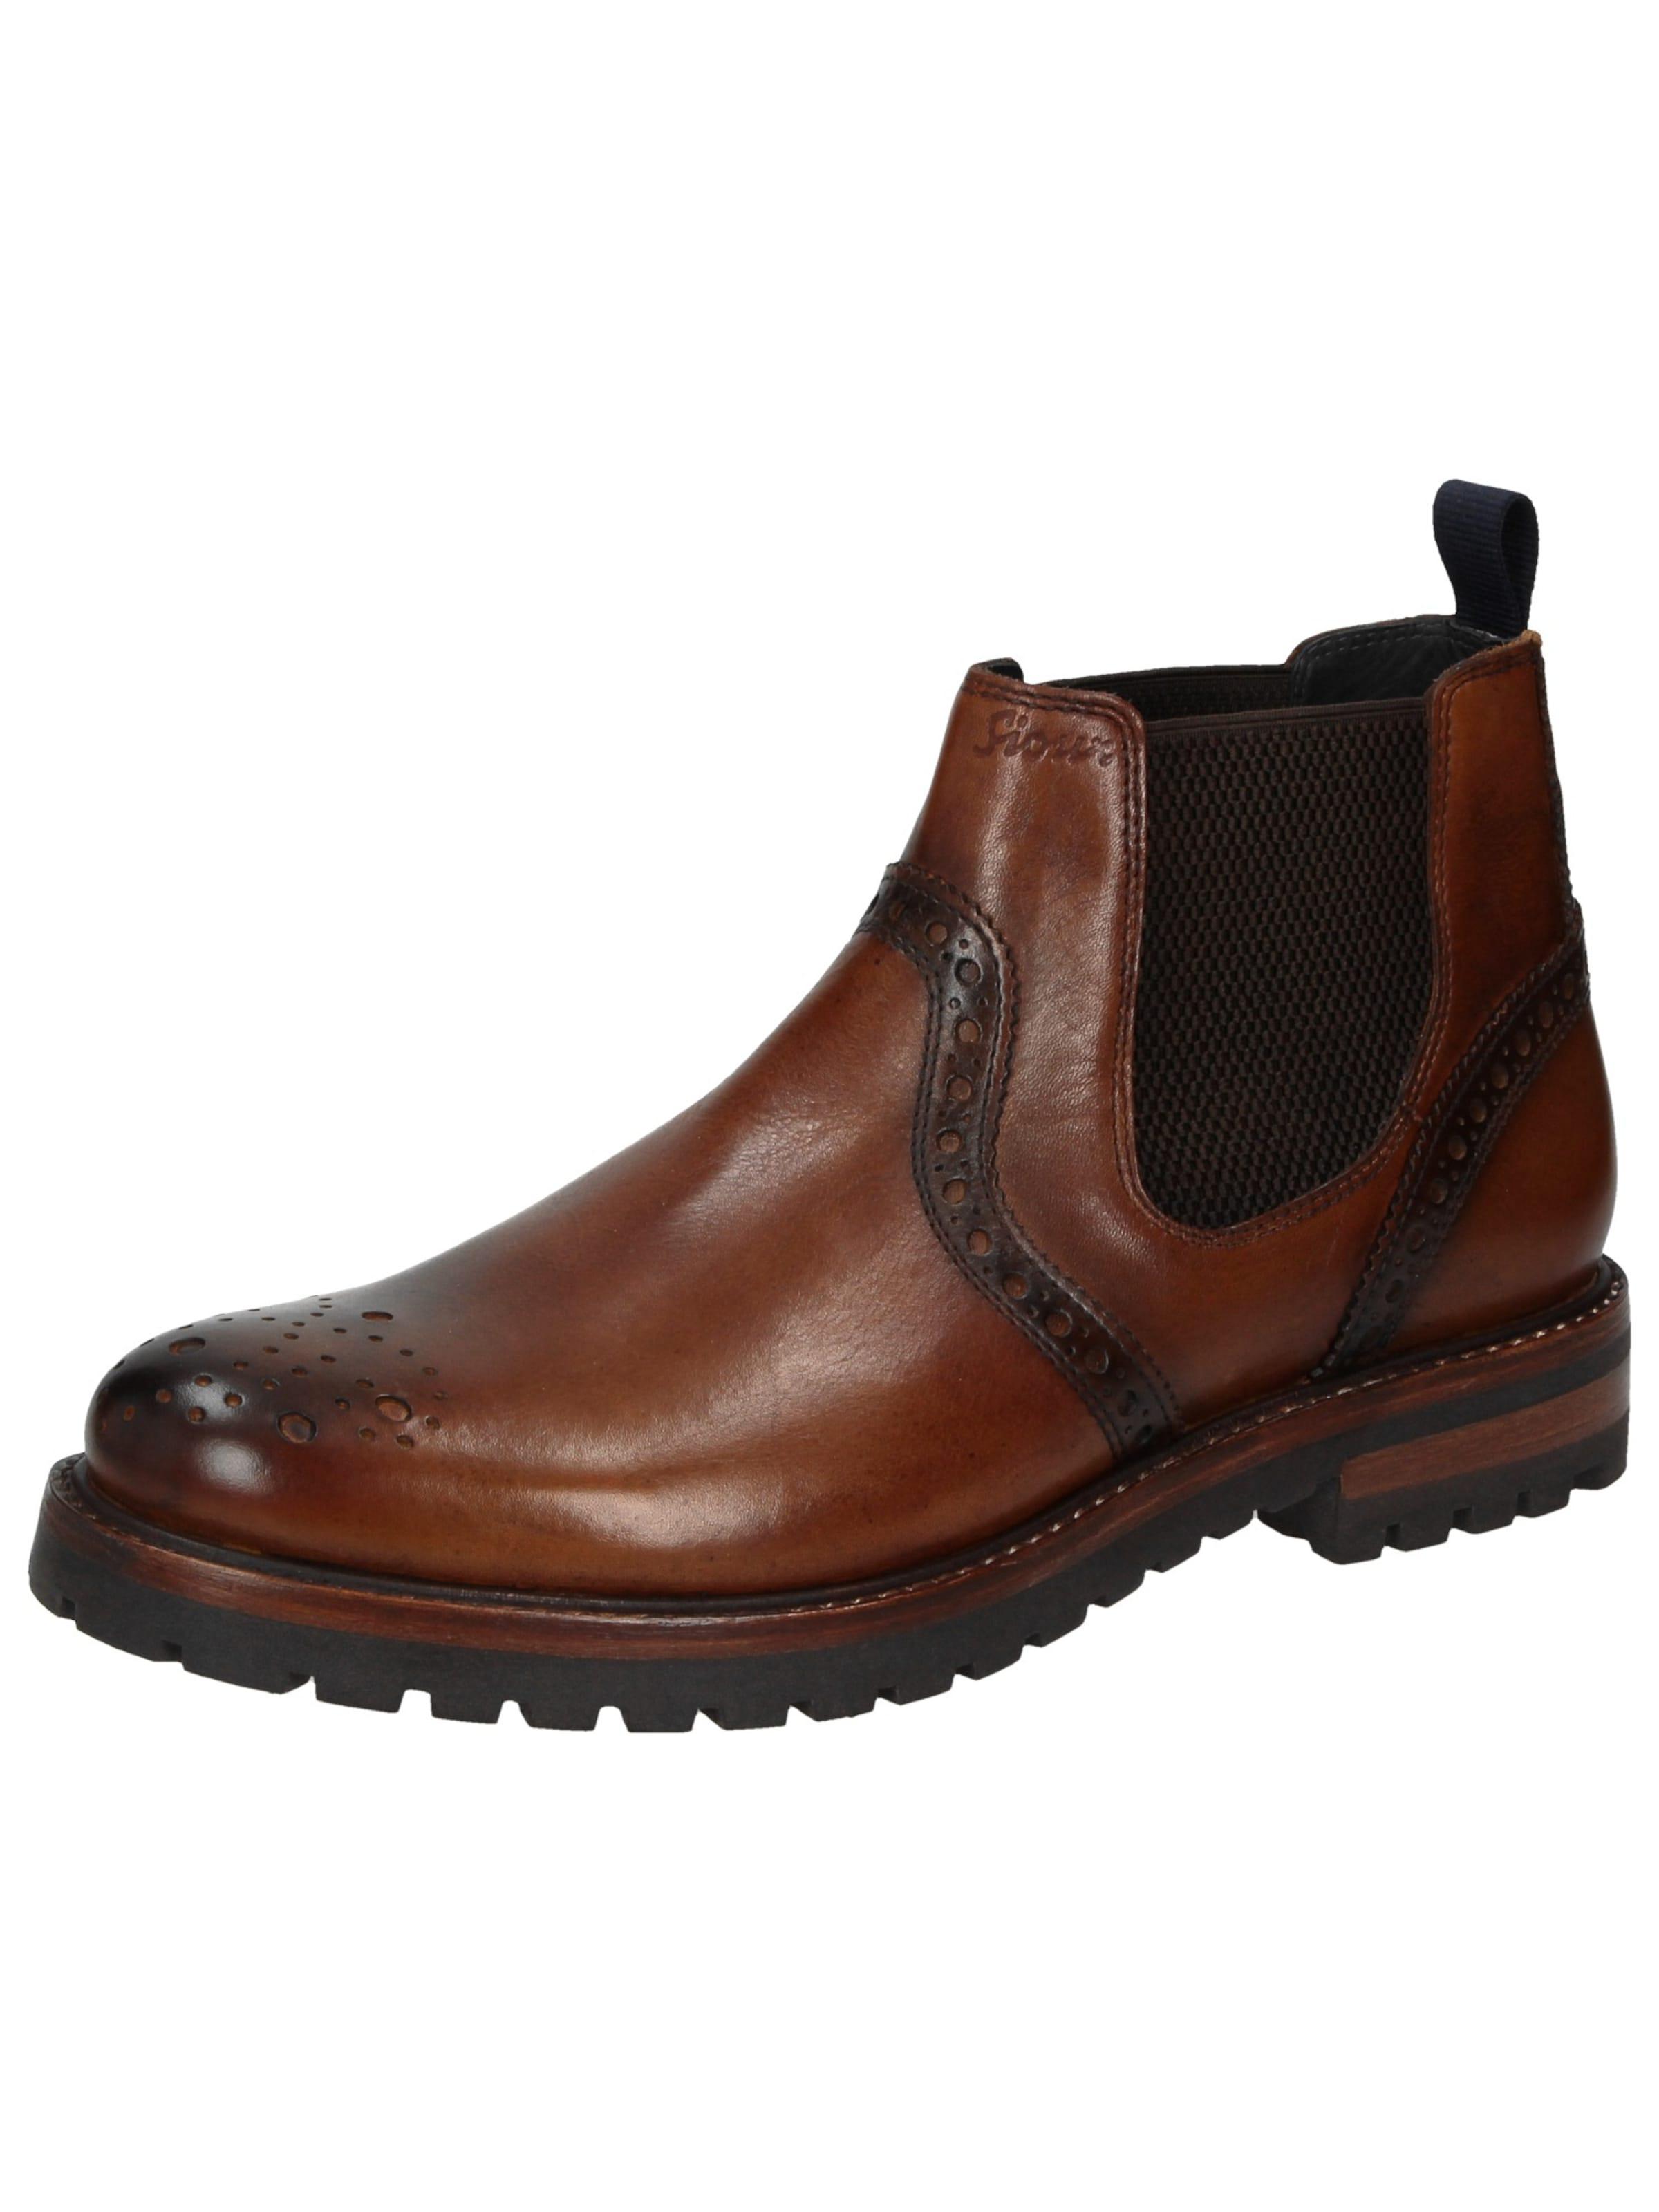 SIOUX Stiefelette Endru Verschleißfeste billige Schuhe